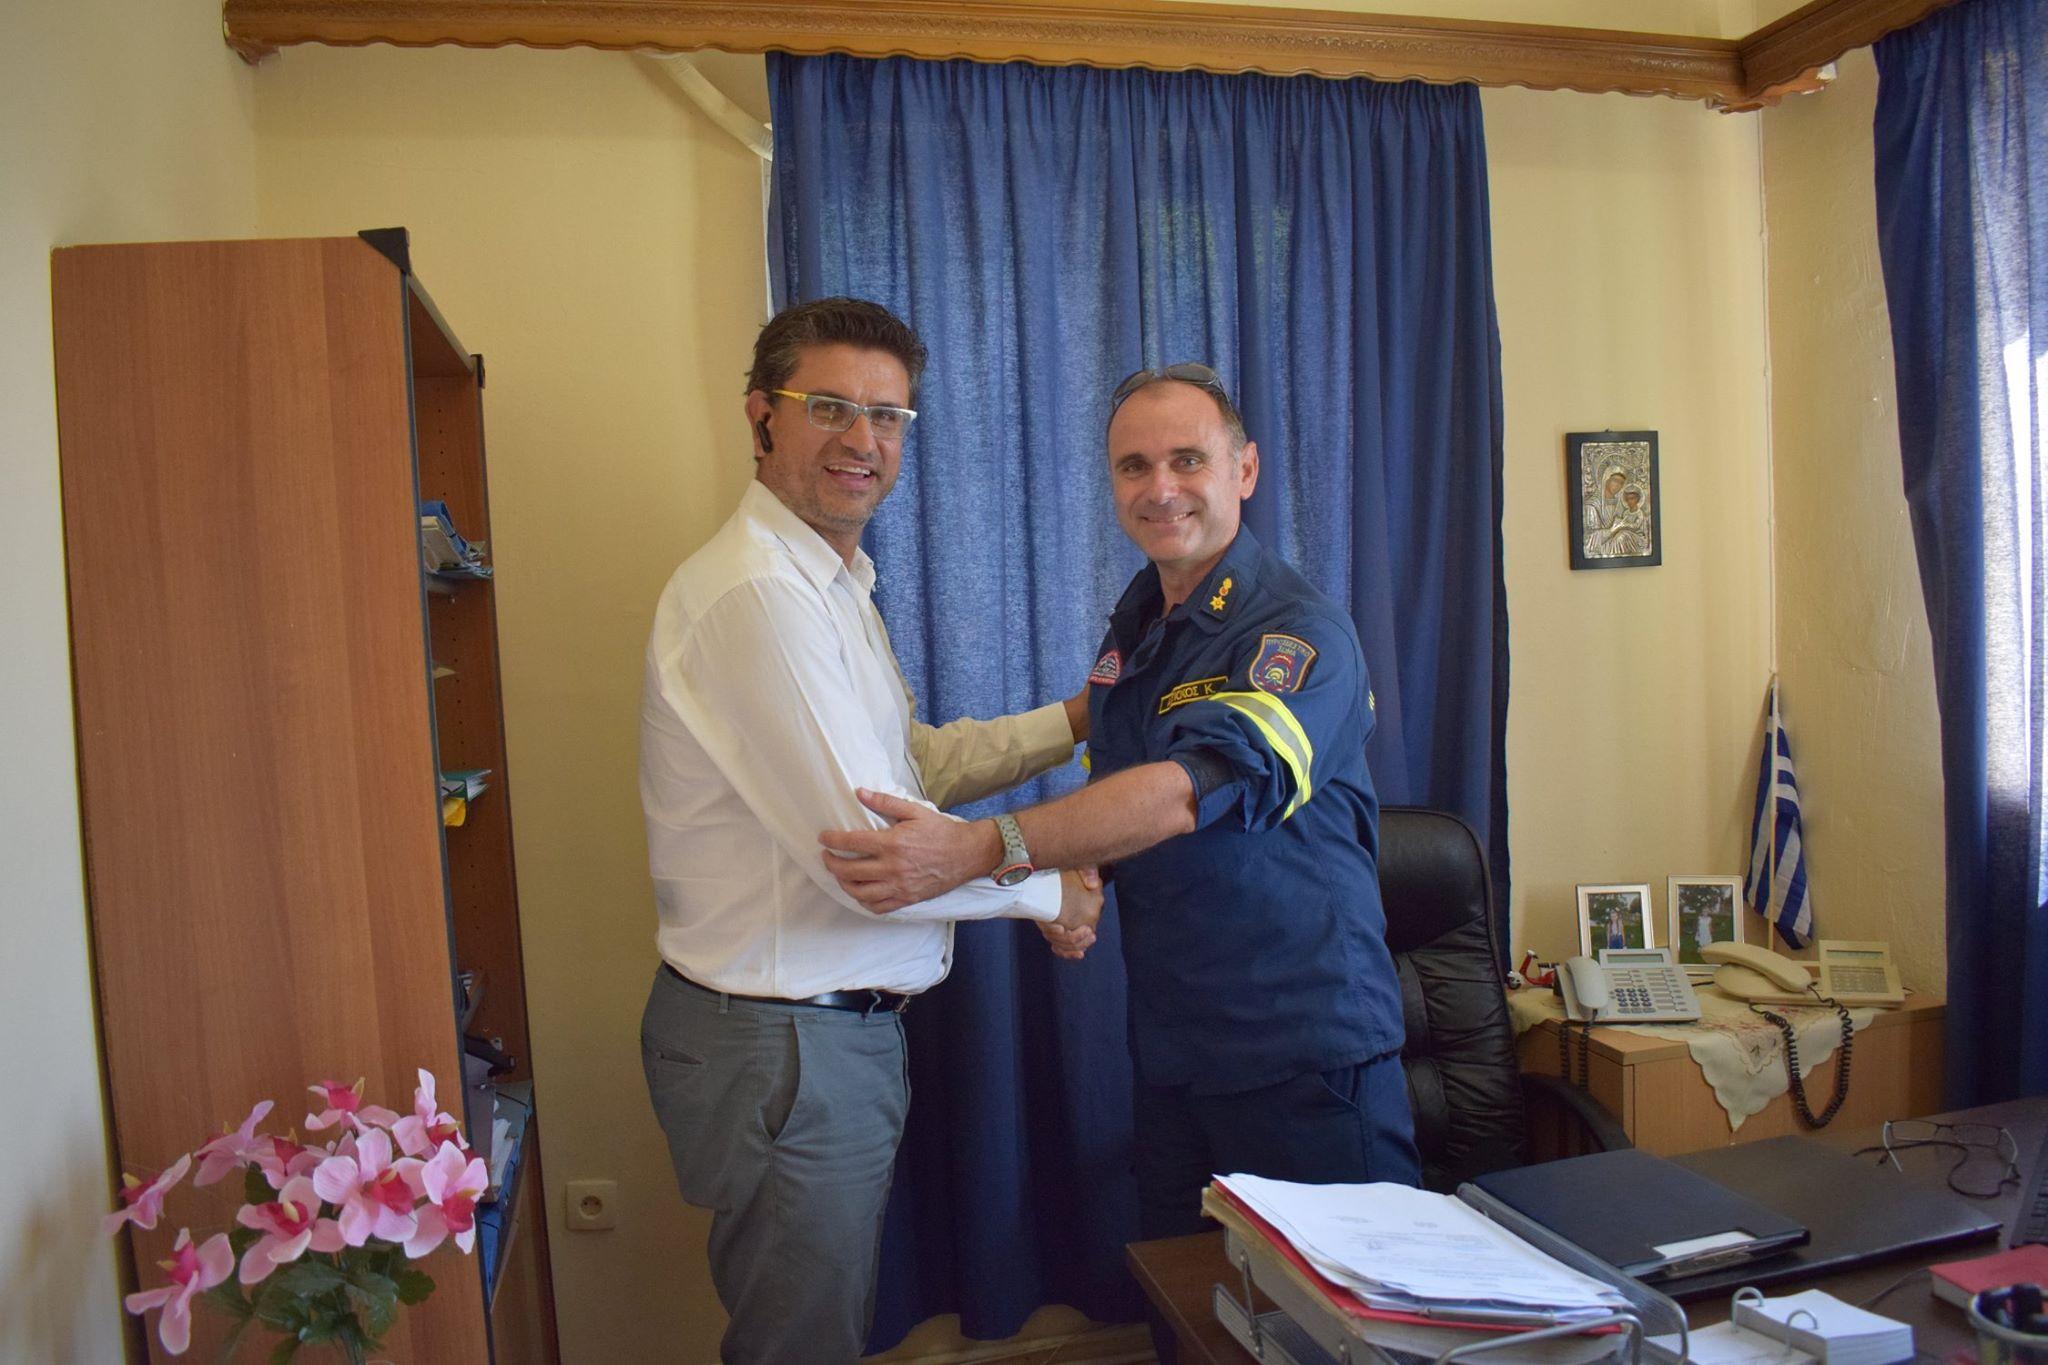 Δήμος Ανδραβίδας-Κυλλήνης: Εθιμοτυπική επίσκεψη του Δημάρχου Γιάννη Λέντζα στον Διοικητή της 117ΠΜ Ανδραβίδας (photos)